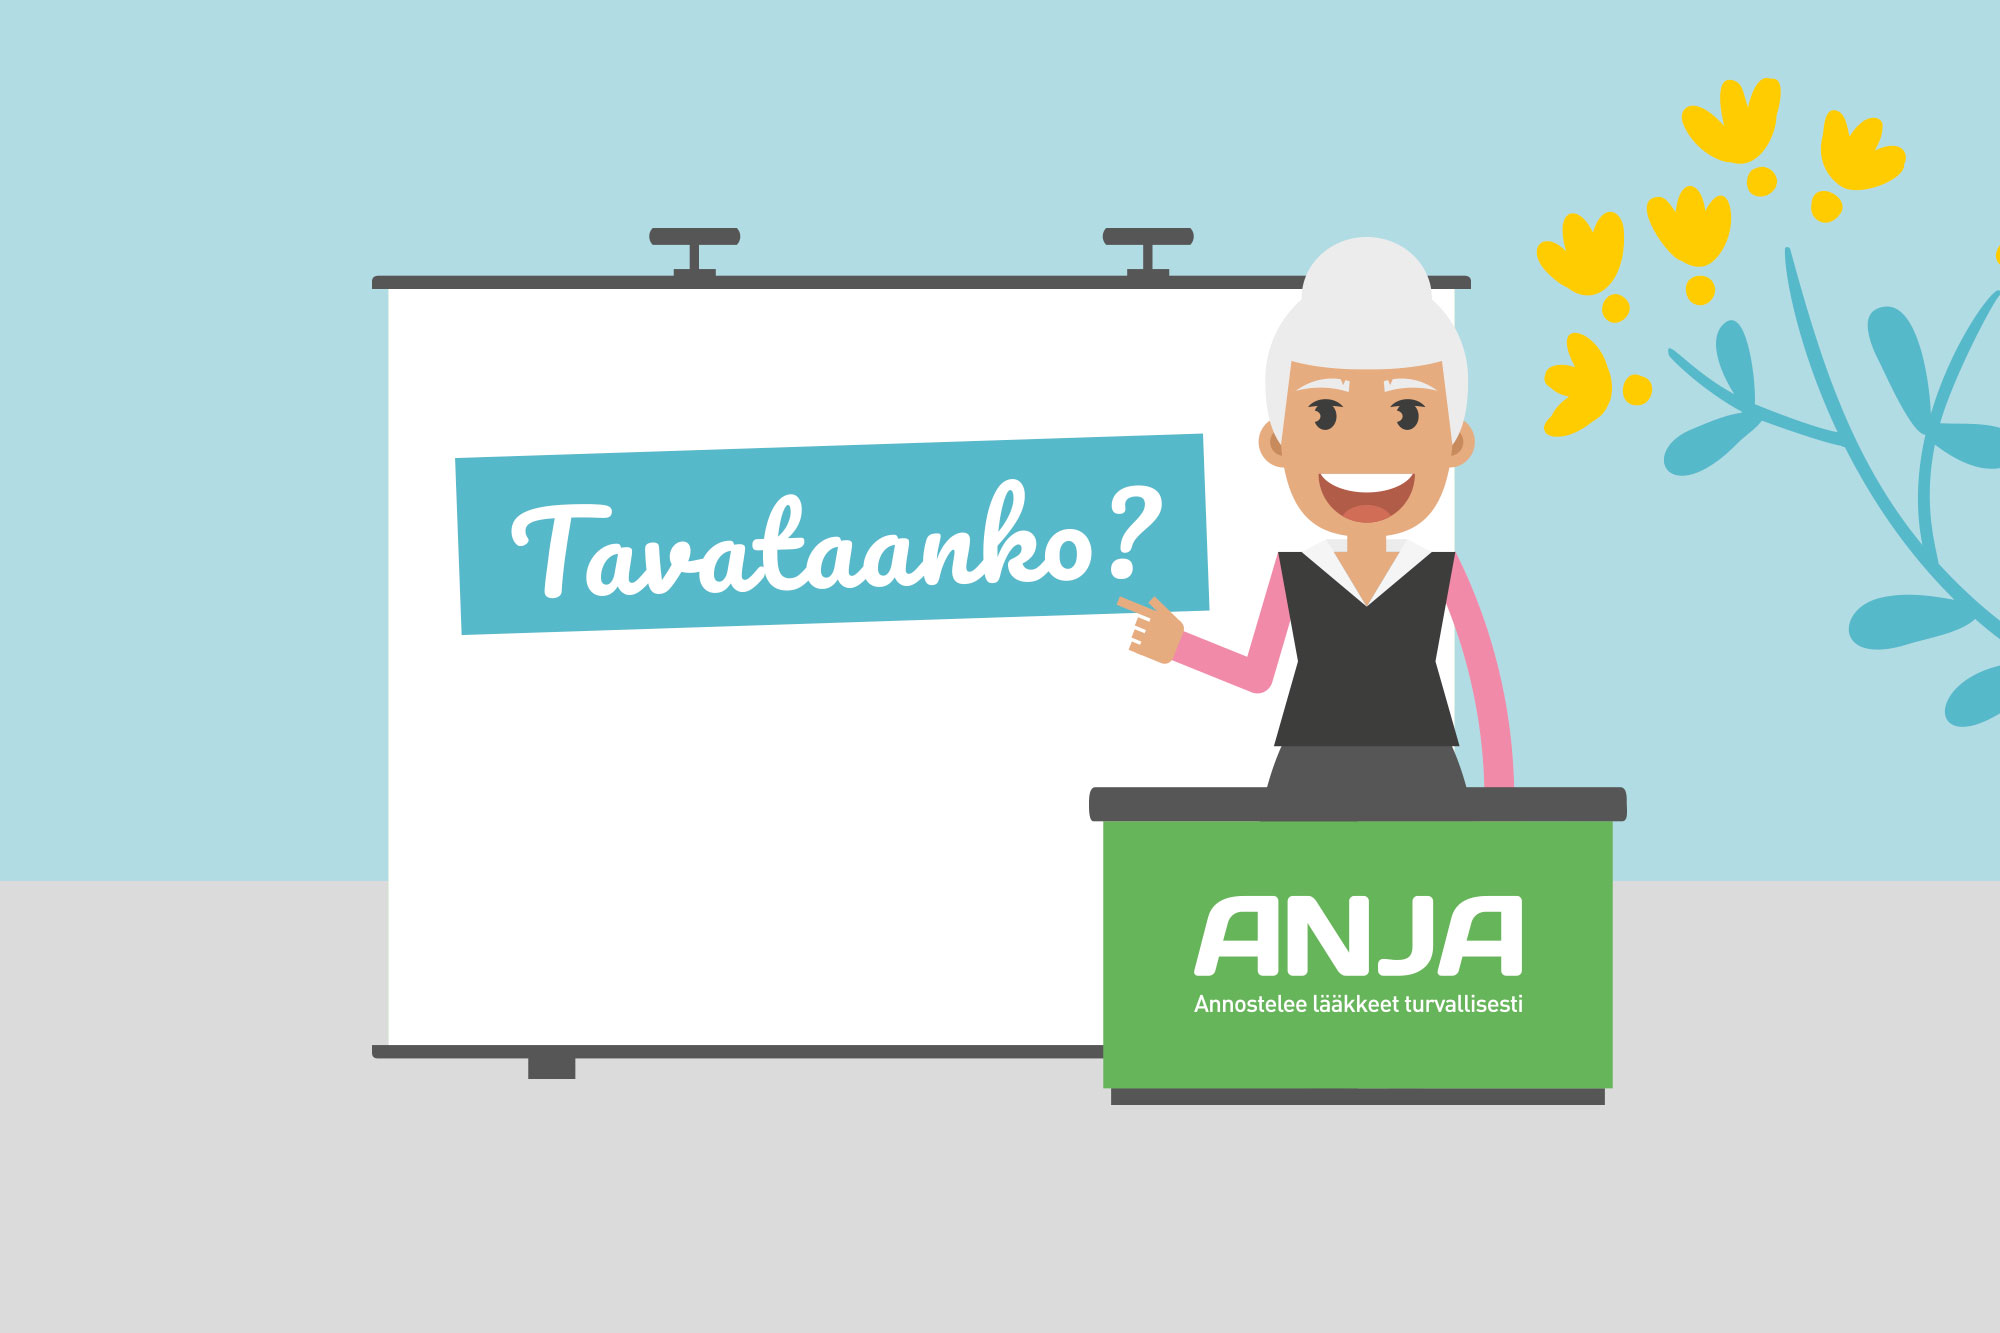 Ammattilainen: Tavataanko? Maaliskuussa messuillaan Helsingistä Ouluun!